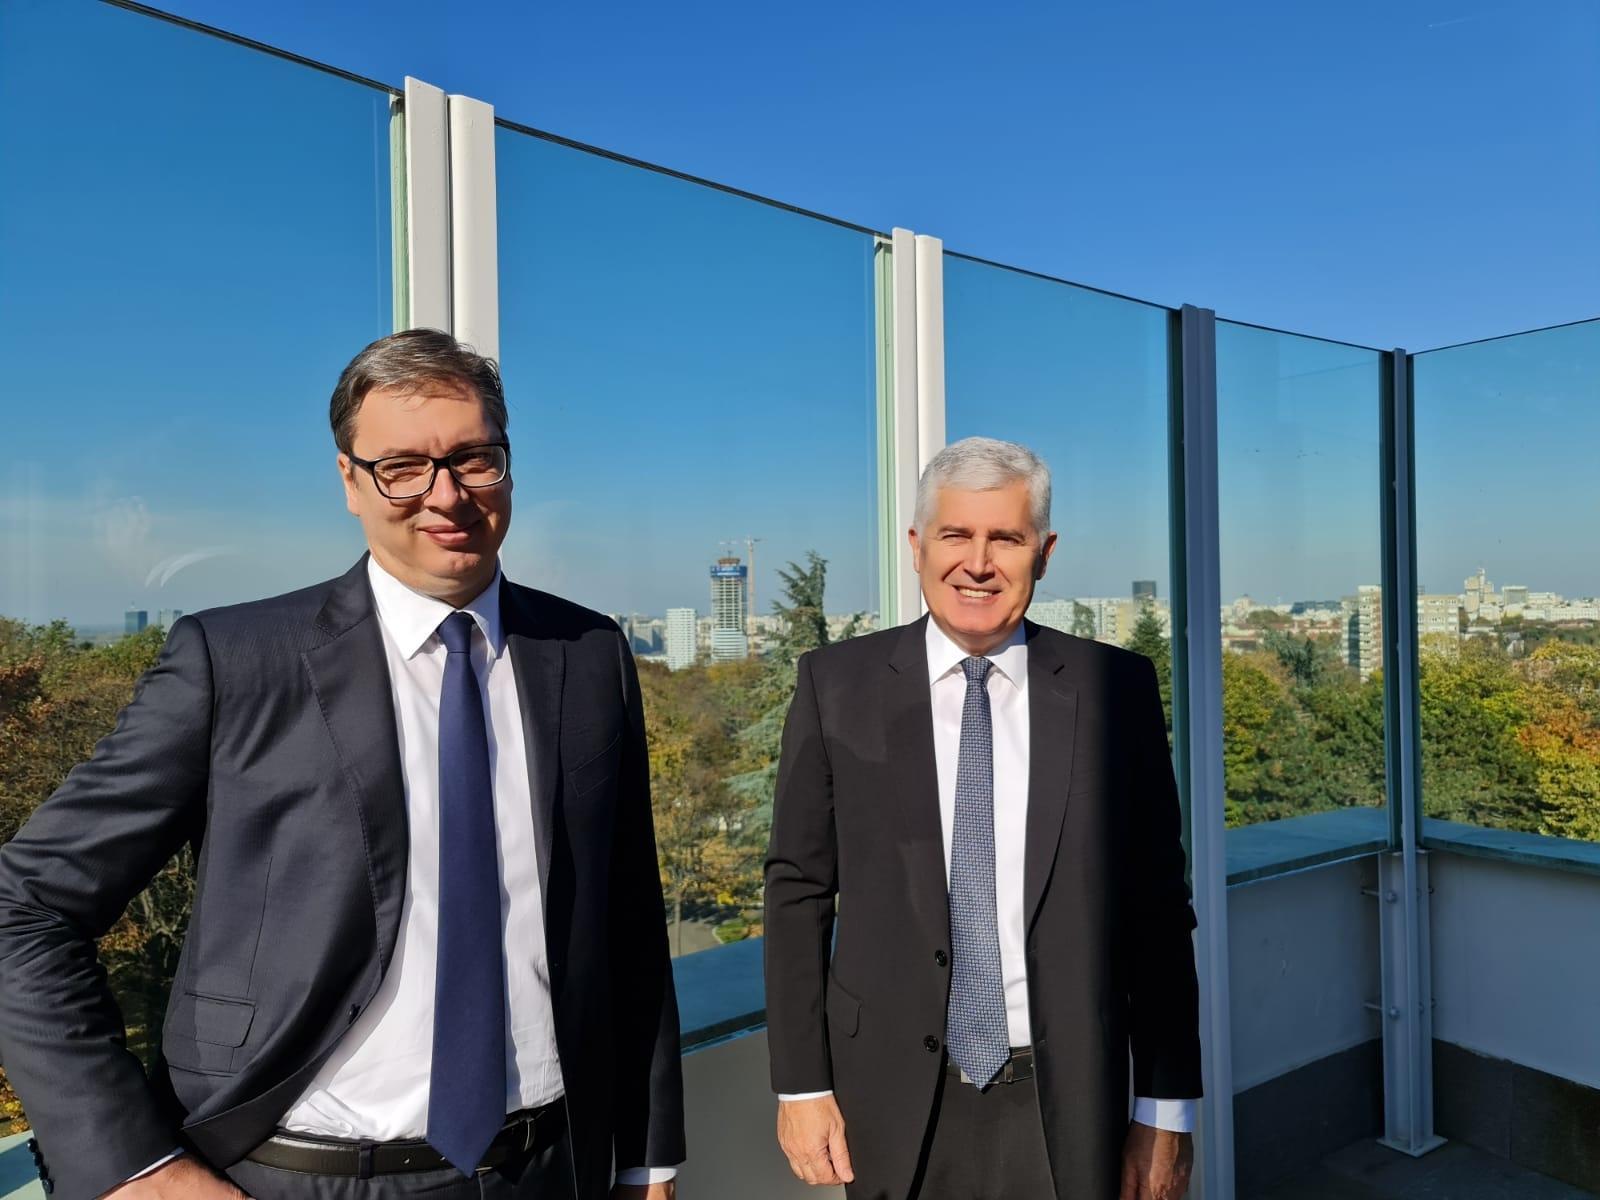 Vučić i Čović: Konstitutivni narodi u BiH samo konsenzusom mogu odlučiti o budućnosti